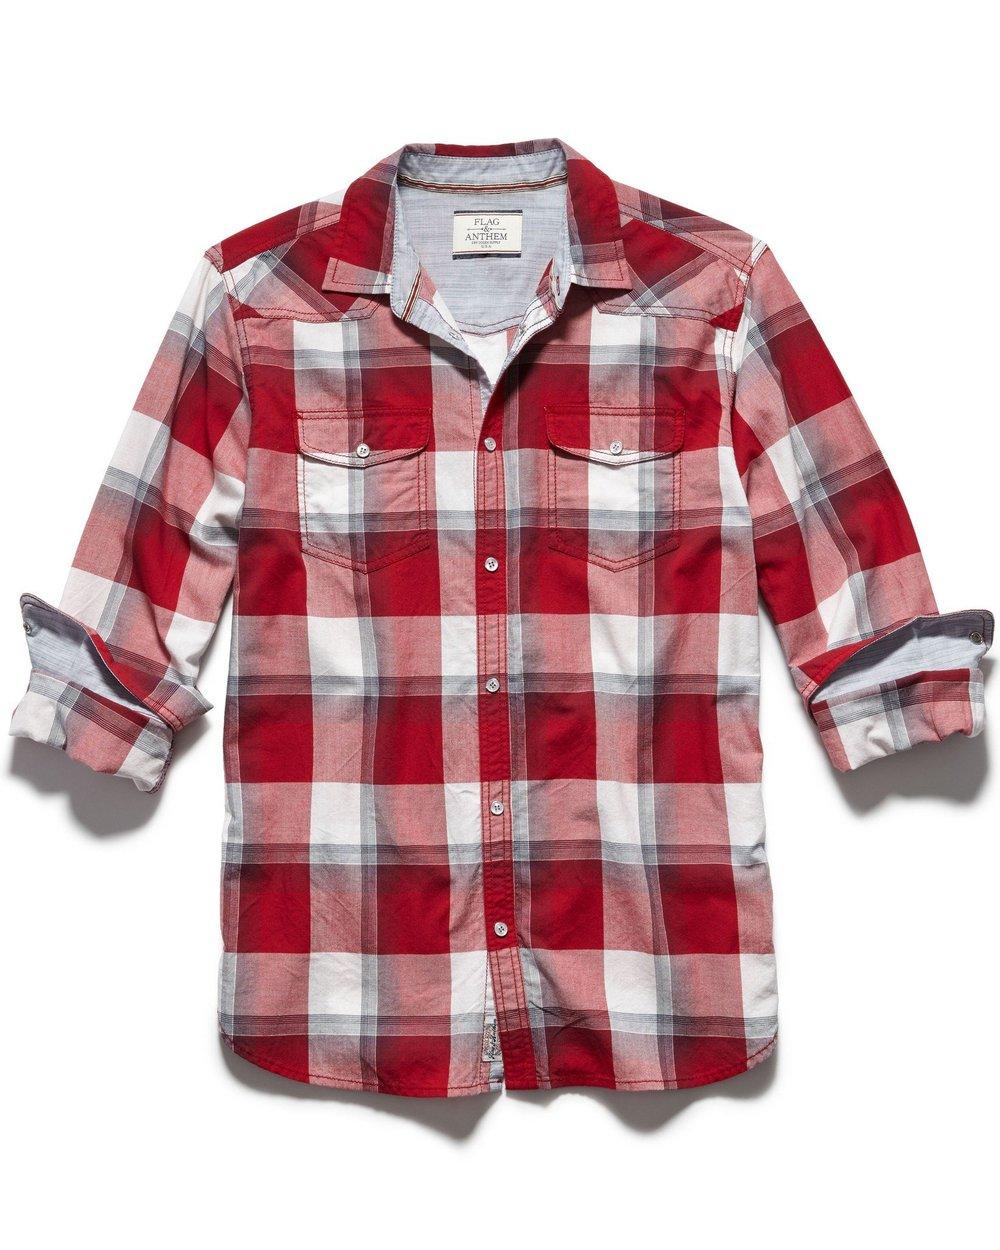 Mooresboro Shirt $59.50